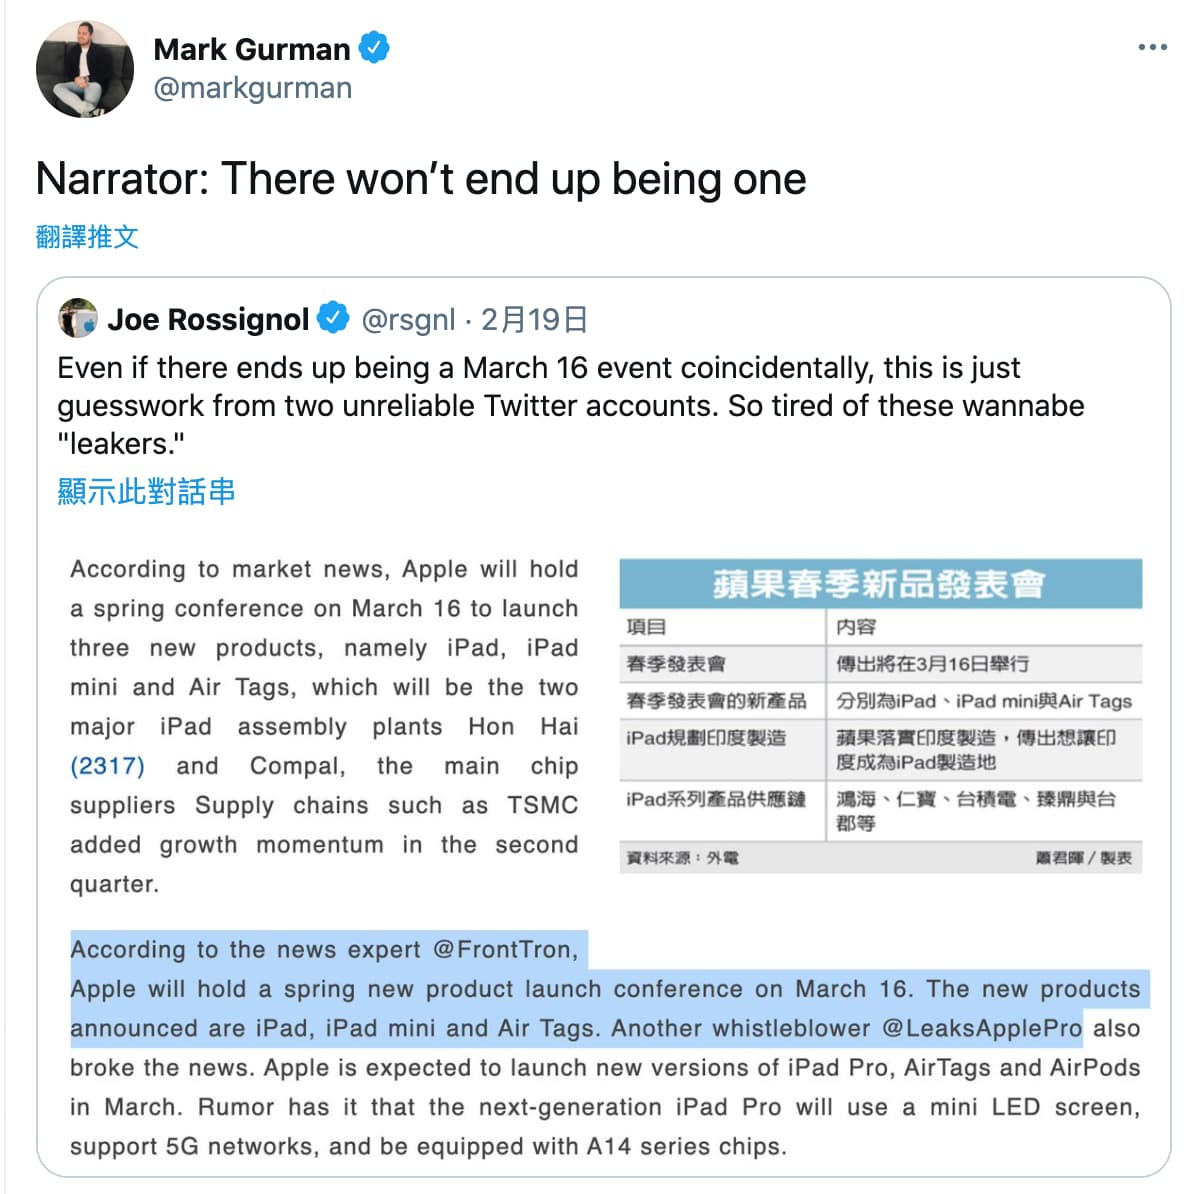 蘋果將在3/16舉行春季發表會?彭博社記者稱這是假消息1